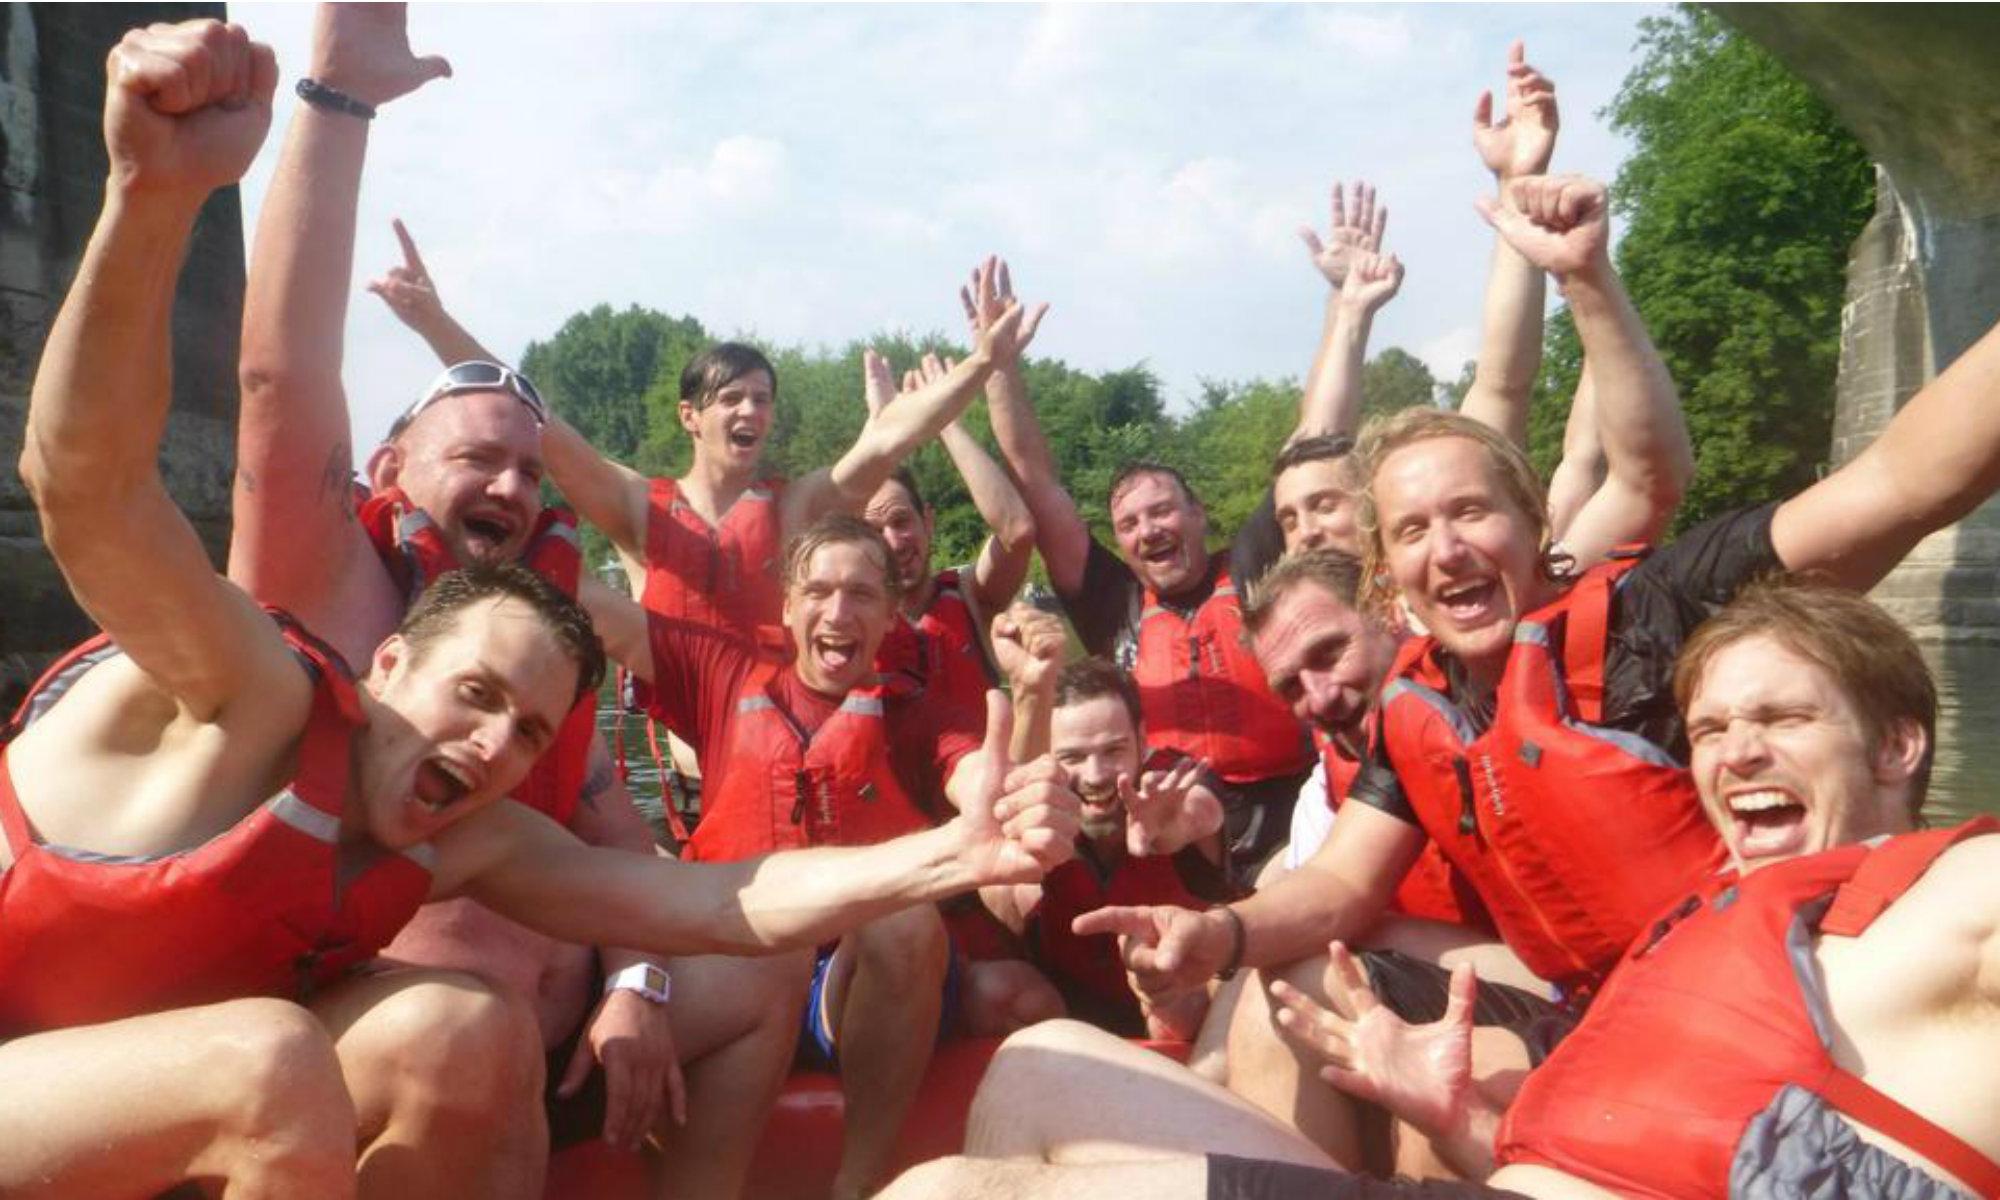 Glückliche Leute beim Rafting auf dem Rhein in NRW.